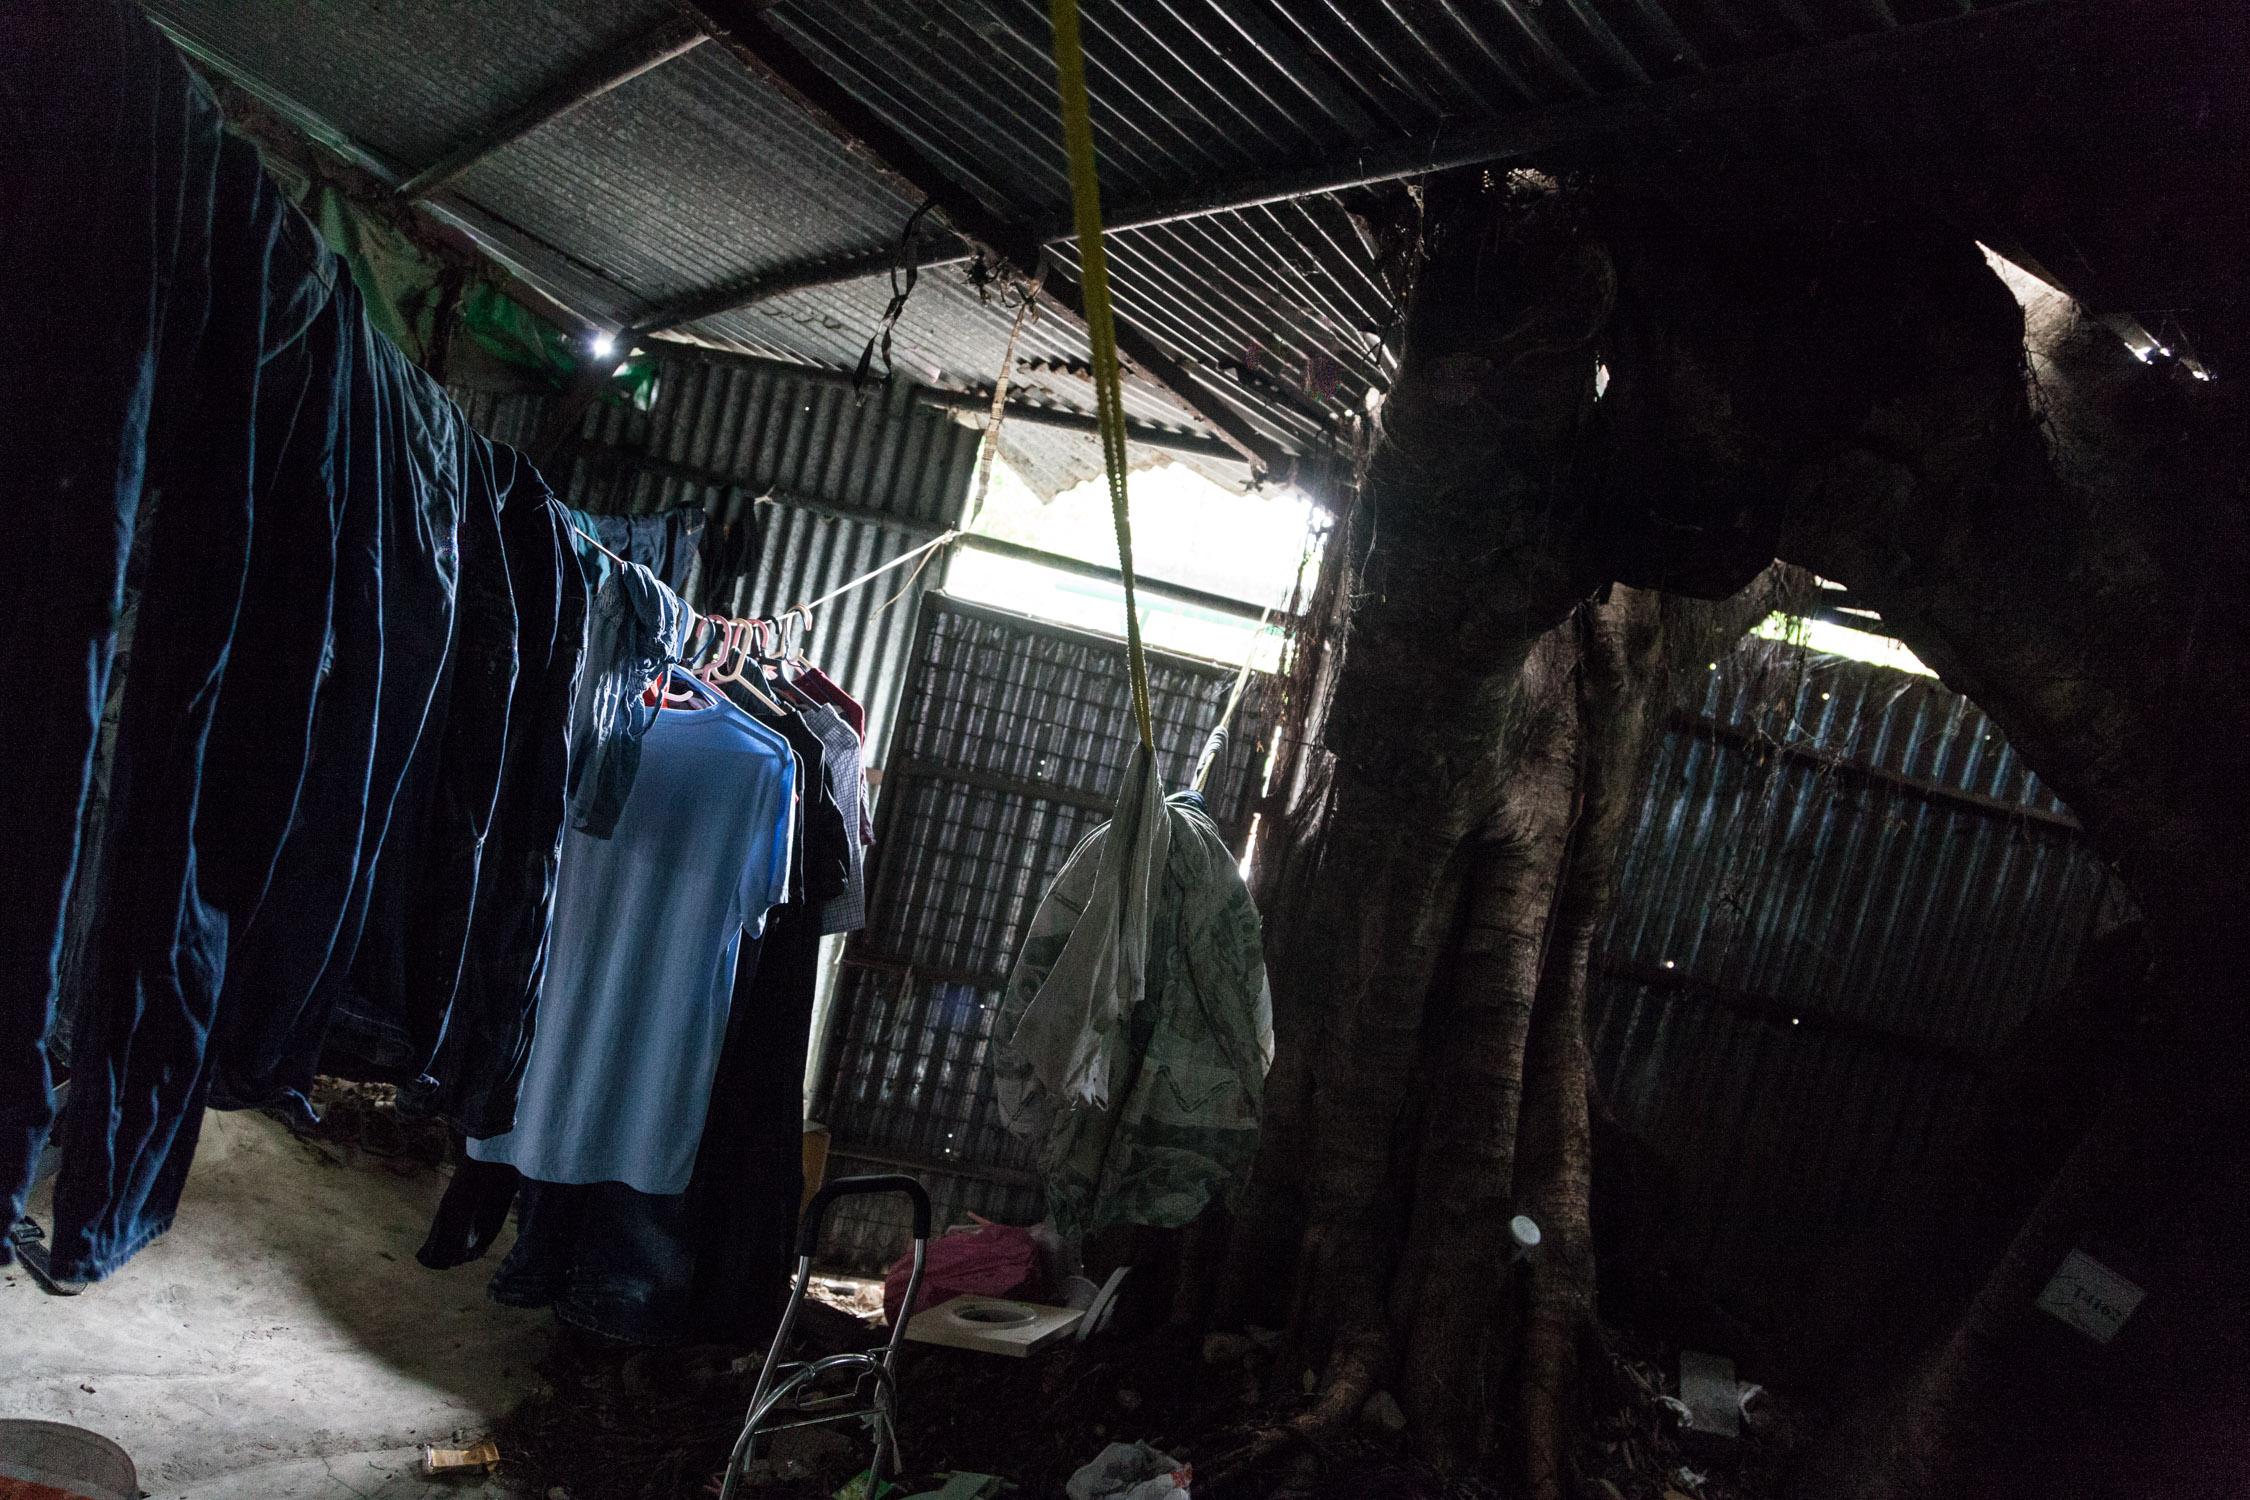 貧民窟這名詞看似遙遠, 但貧民窟同時正在香港出現